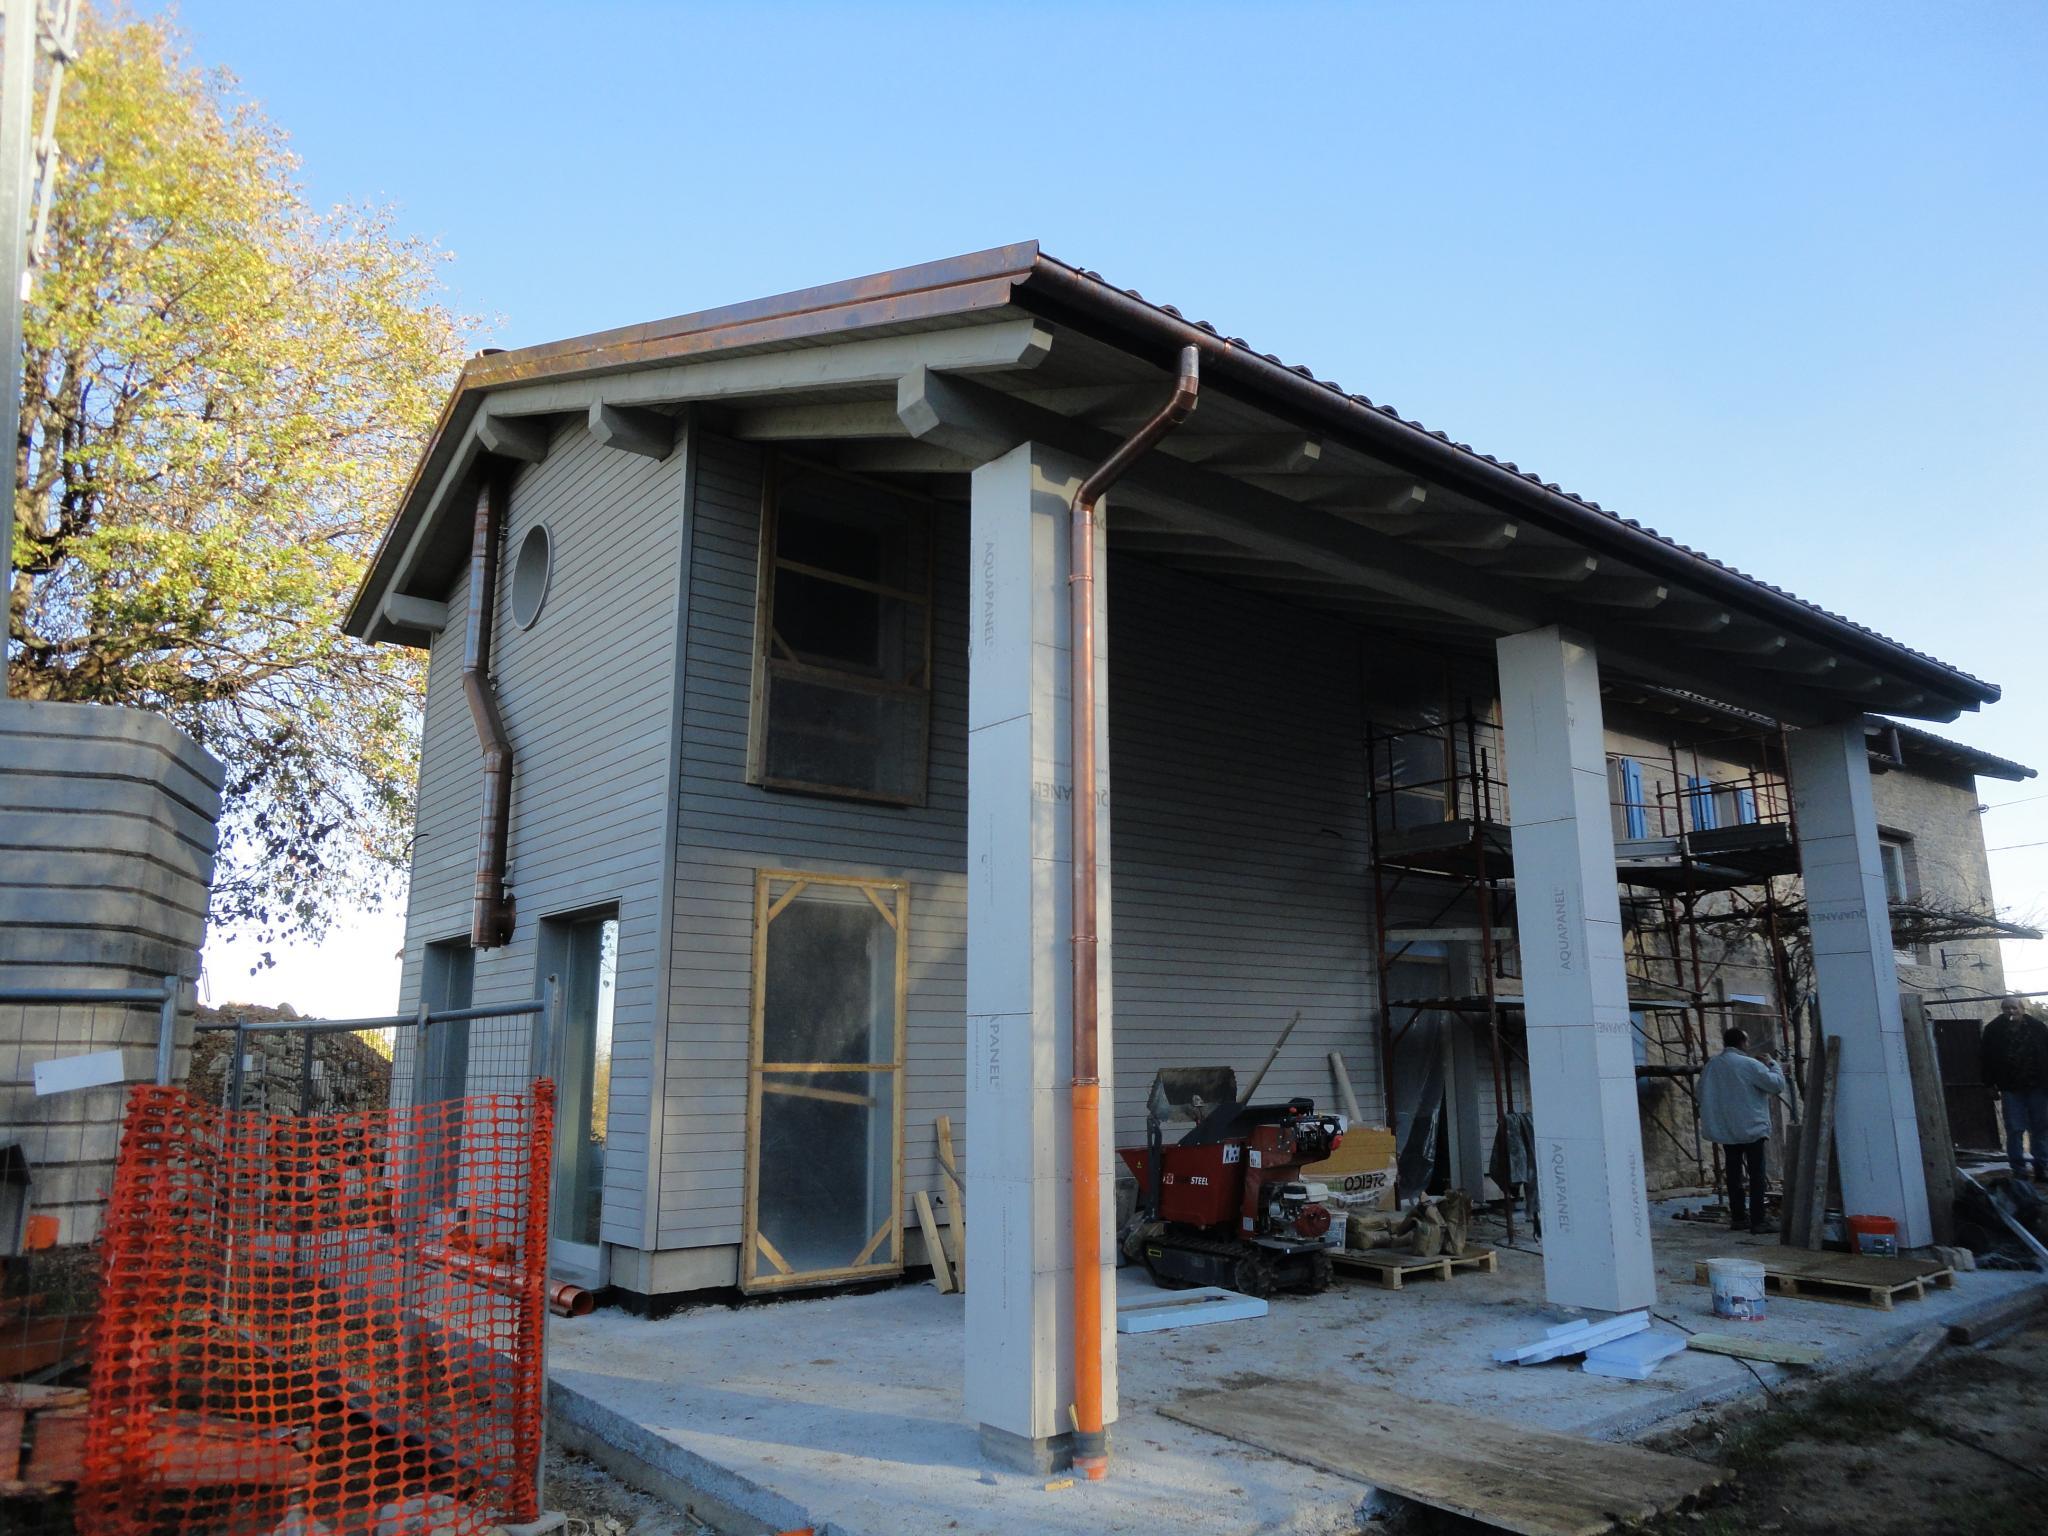 Casa in Legno Samone